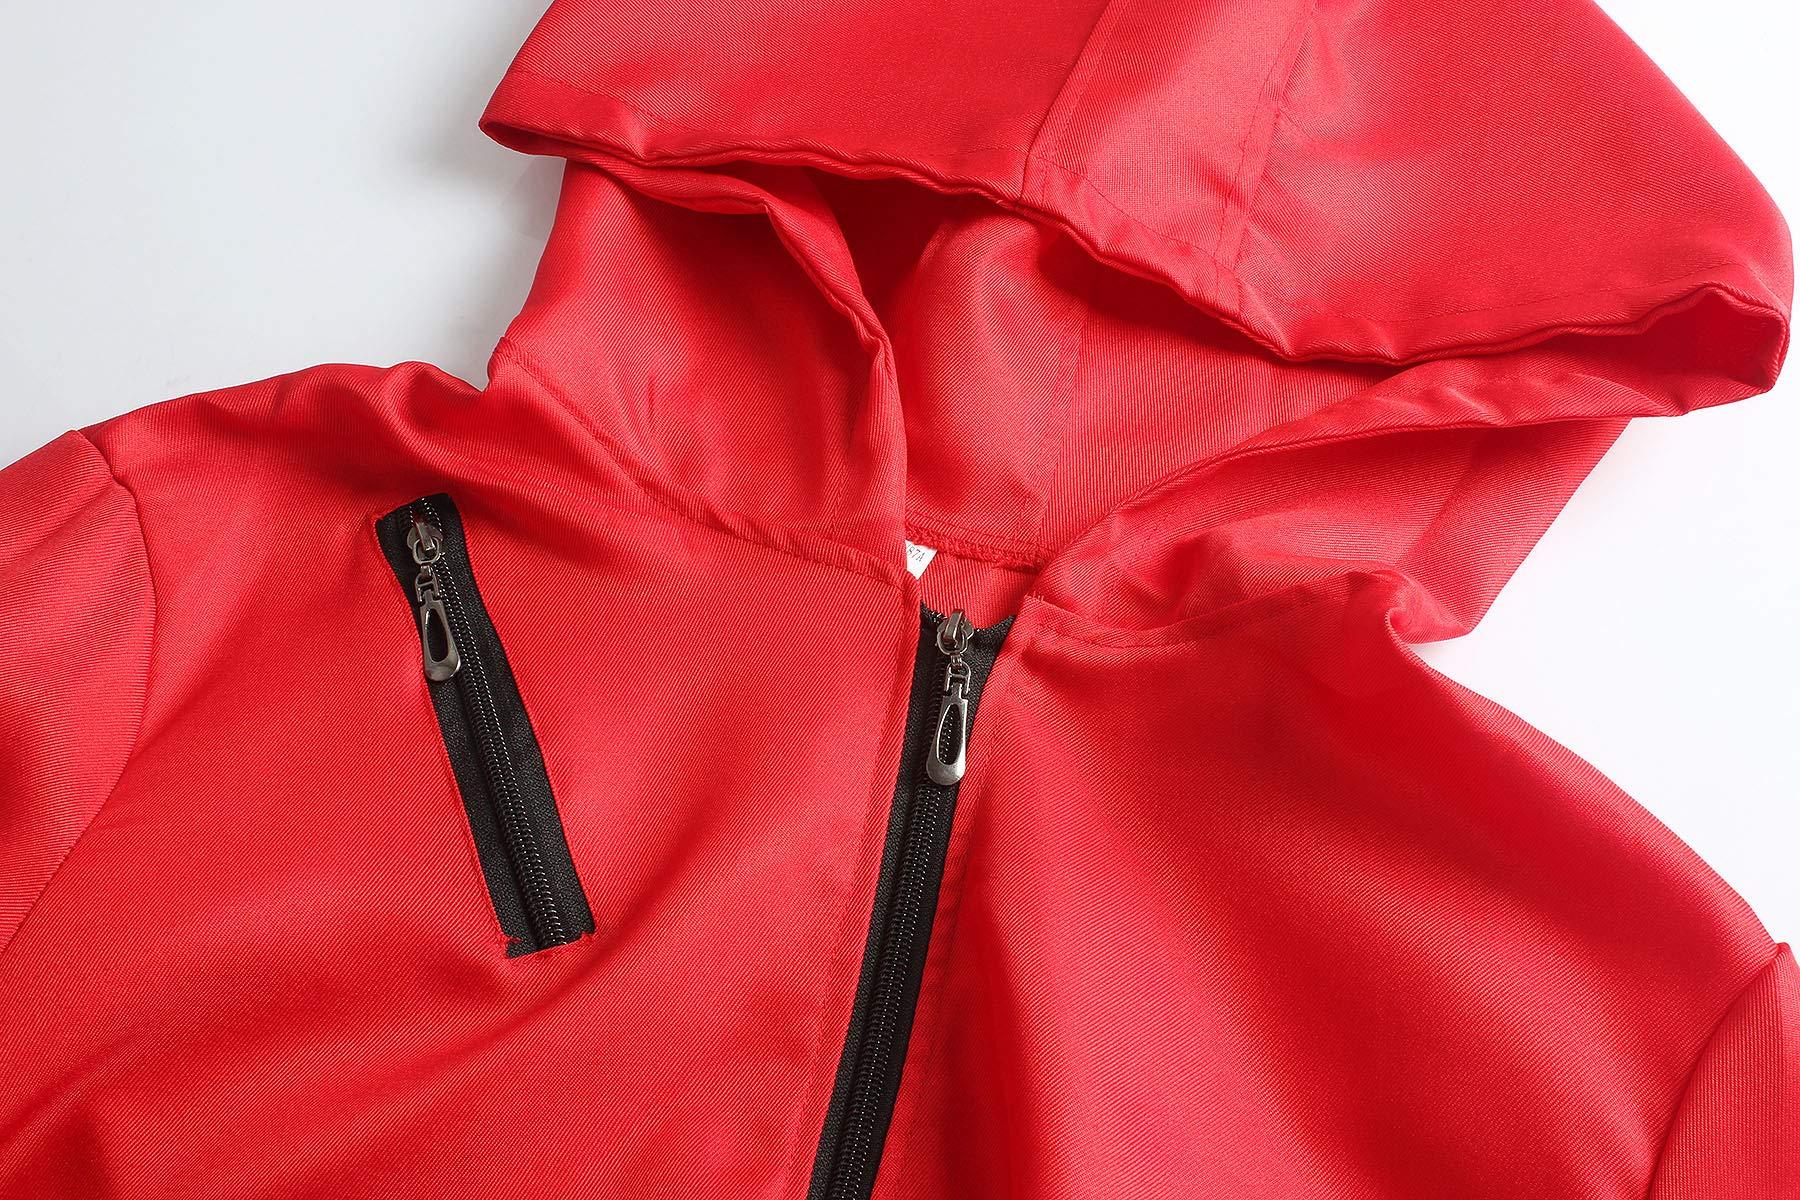 Matt Viggo Costumi La Casa di Carta Overall Donna Uomo Unisex Carnevale Costume con Maschera Dalí, Rosso, M (42) 3 spesavip